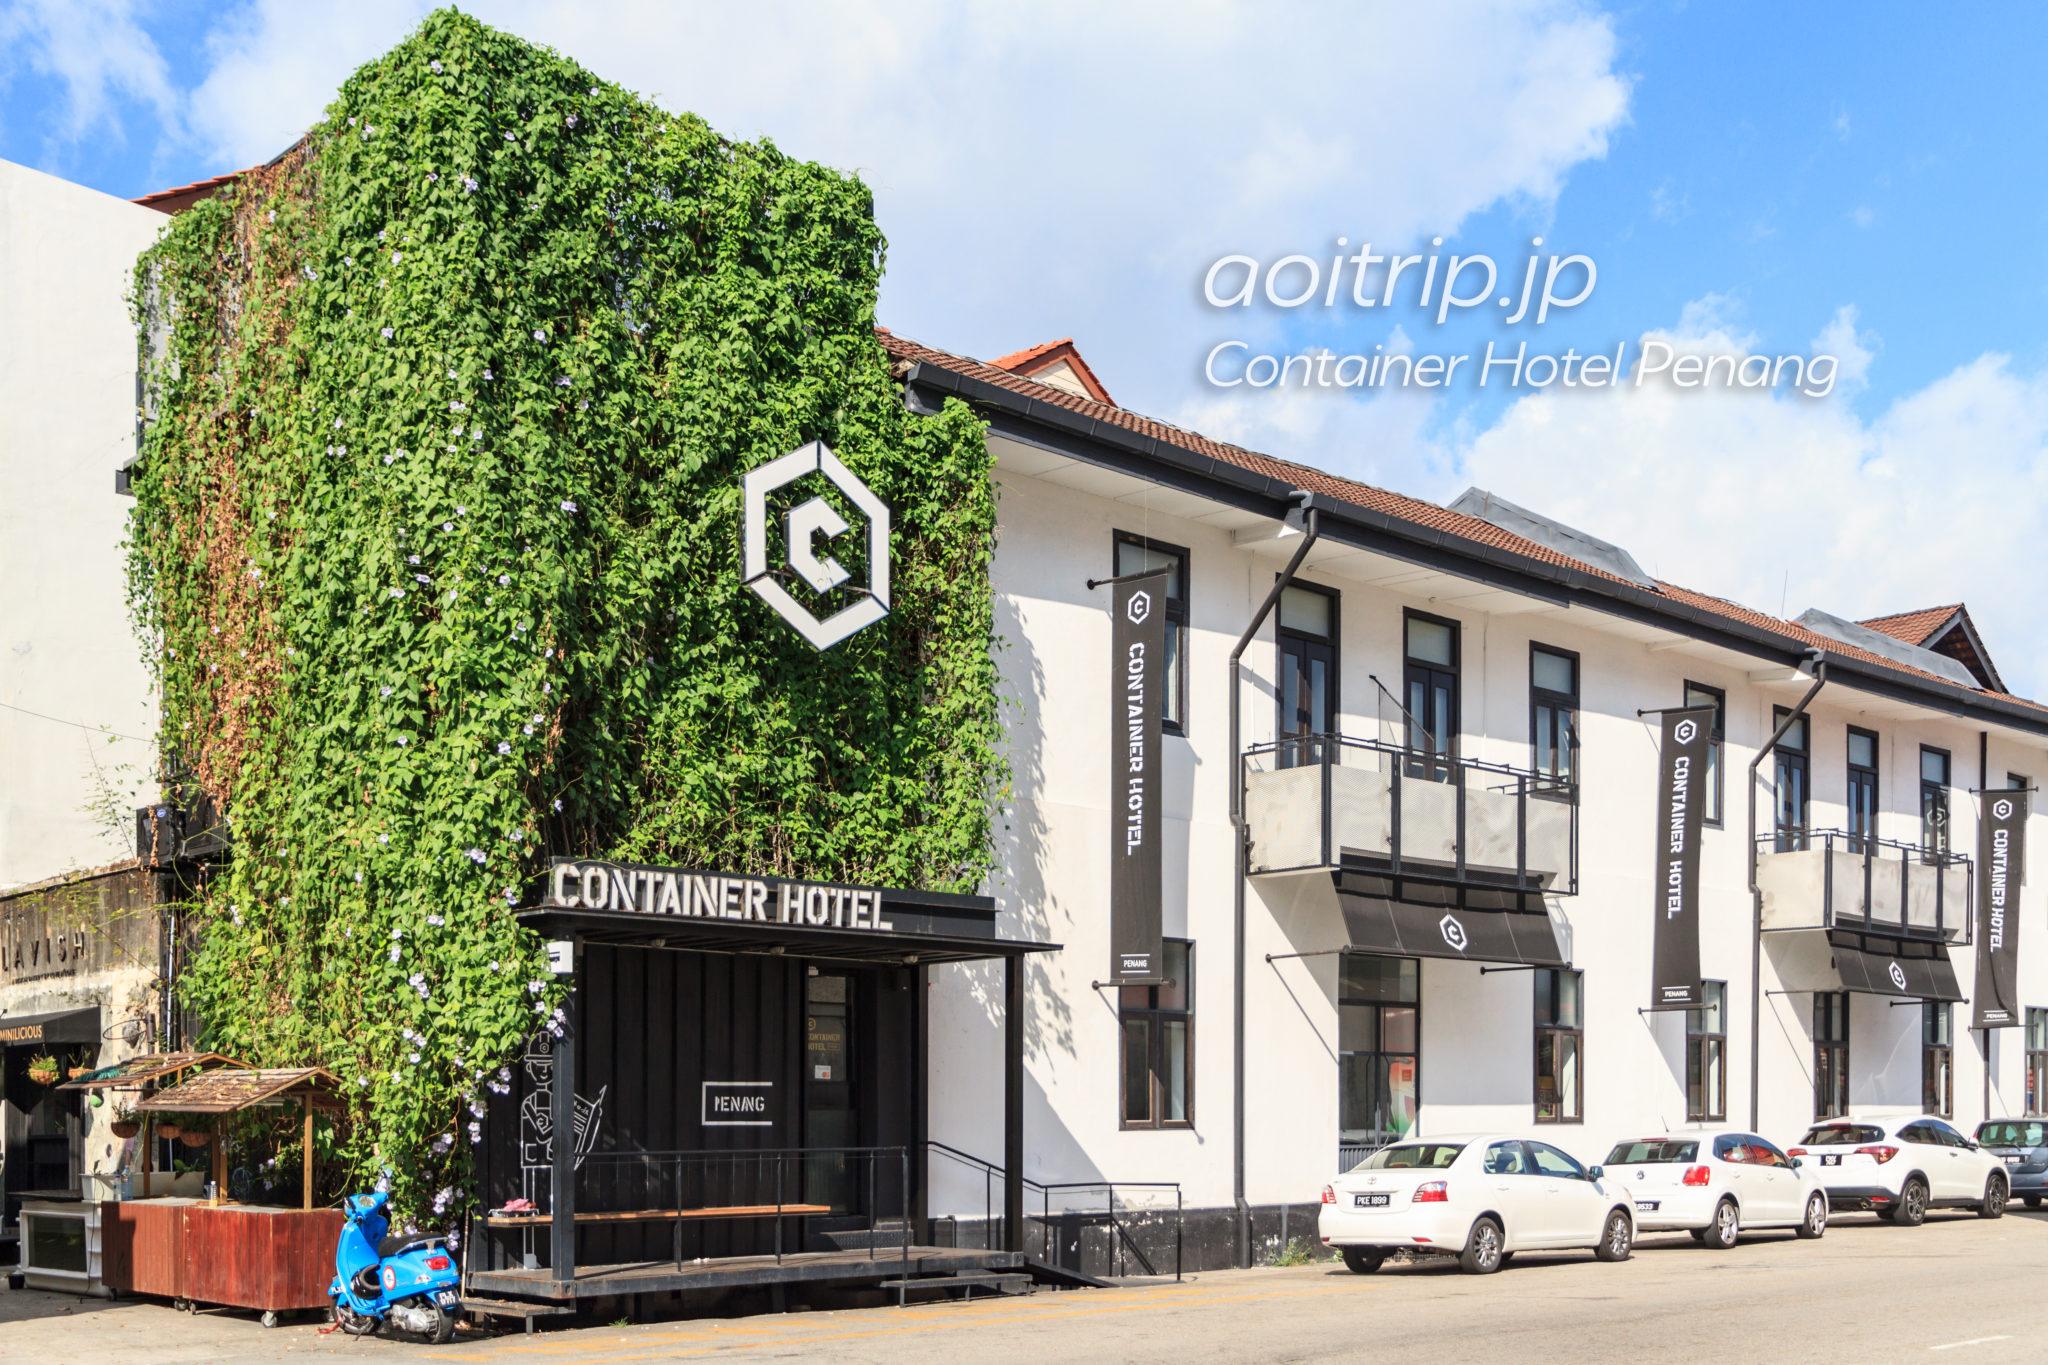 コンテナ ホテル ペナン宿泊記 Container Hotel Penang